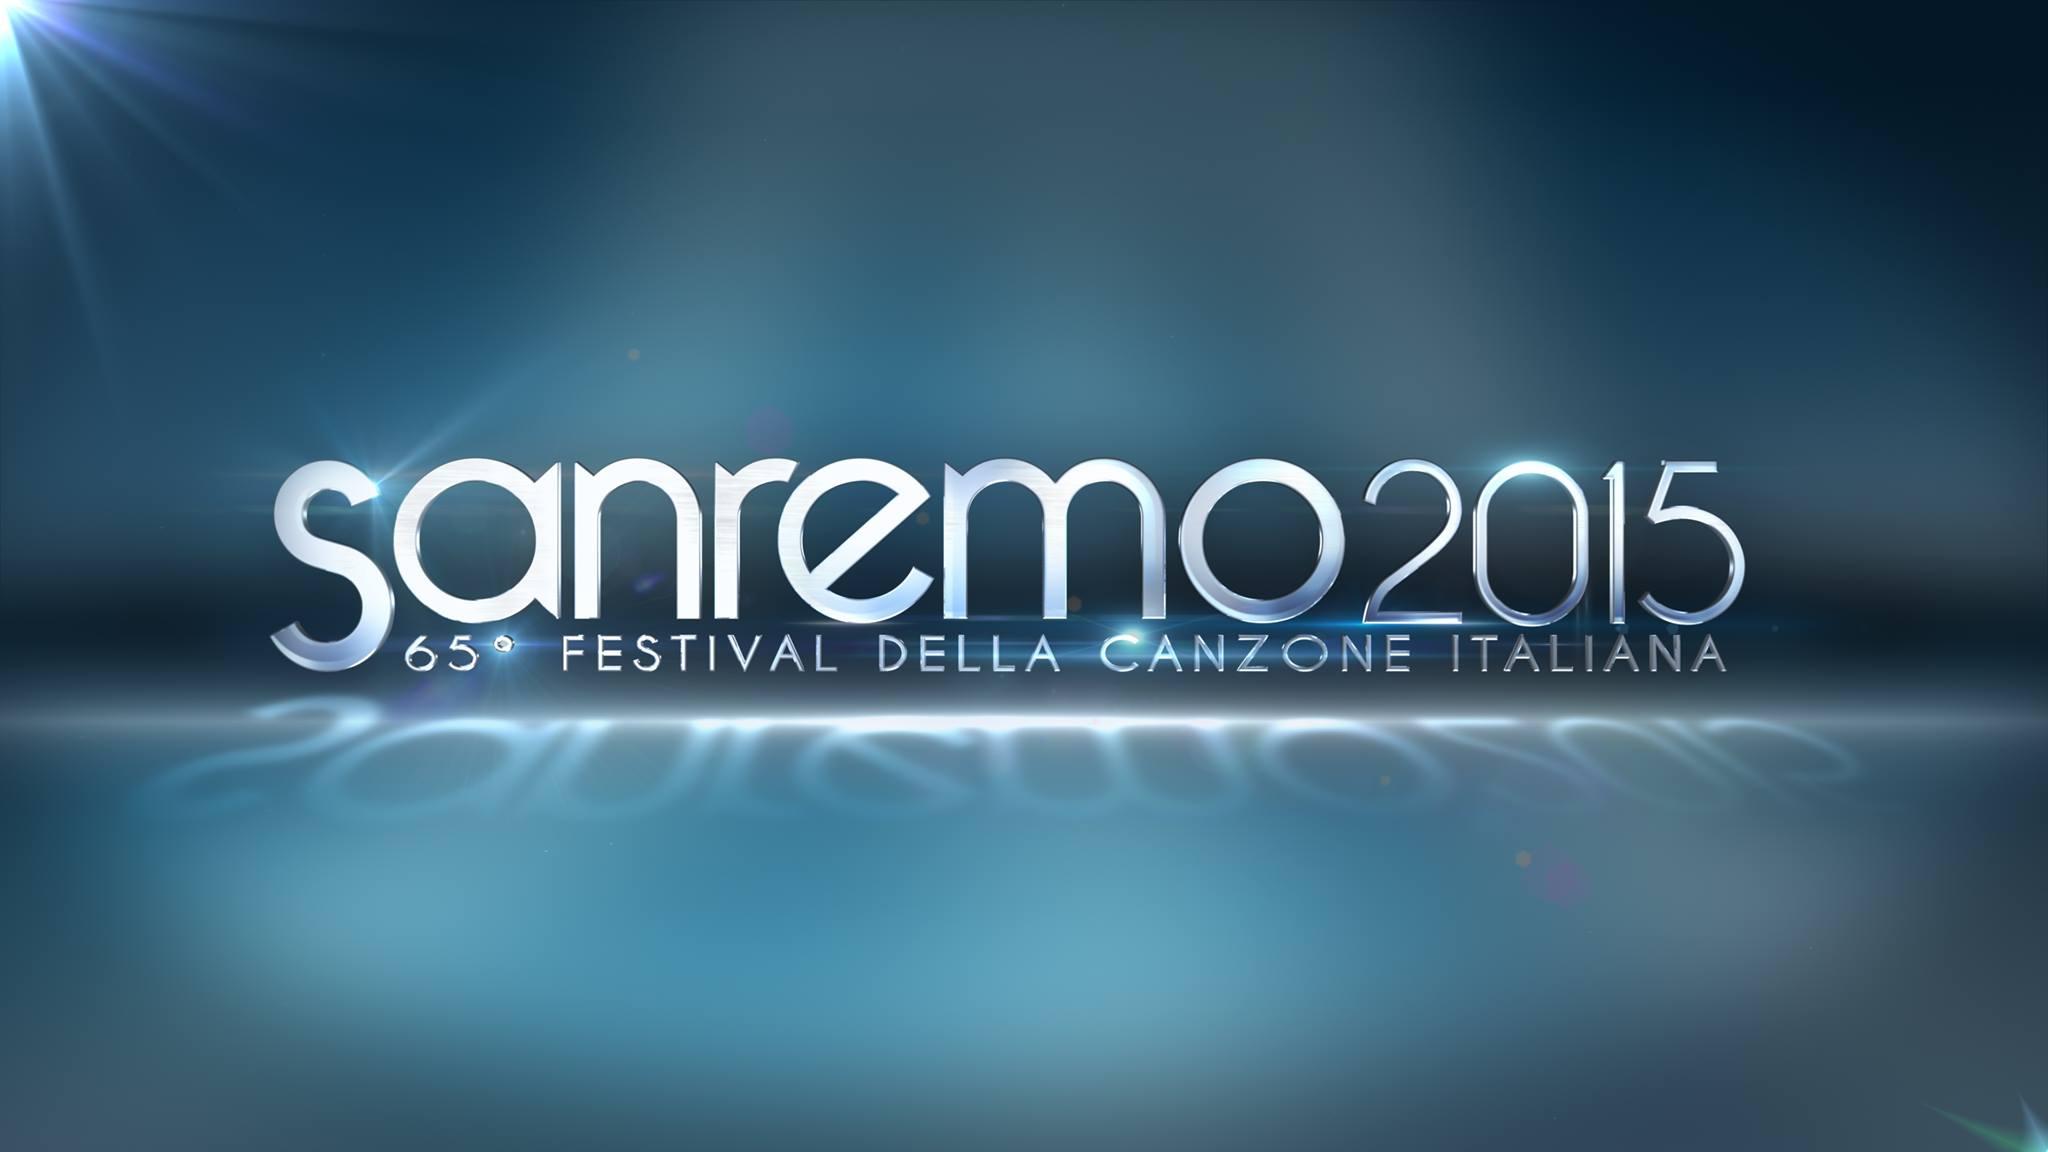 Casa Sanremo 2015: Anna Falchi madrina tra musica, cibo e sociale